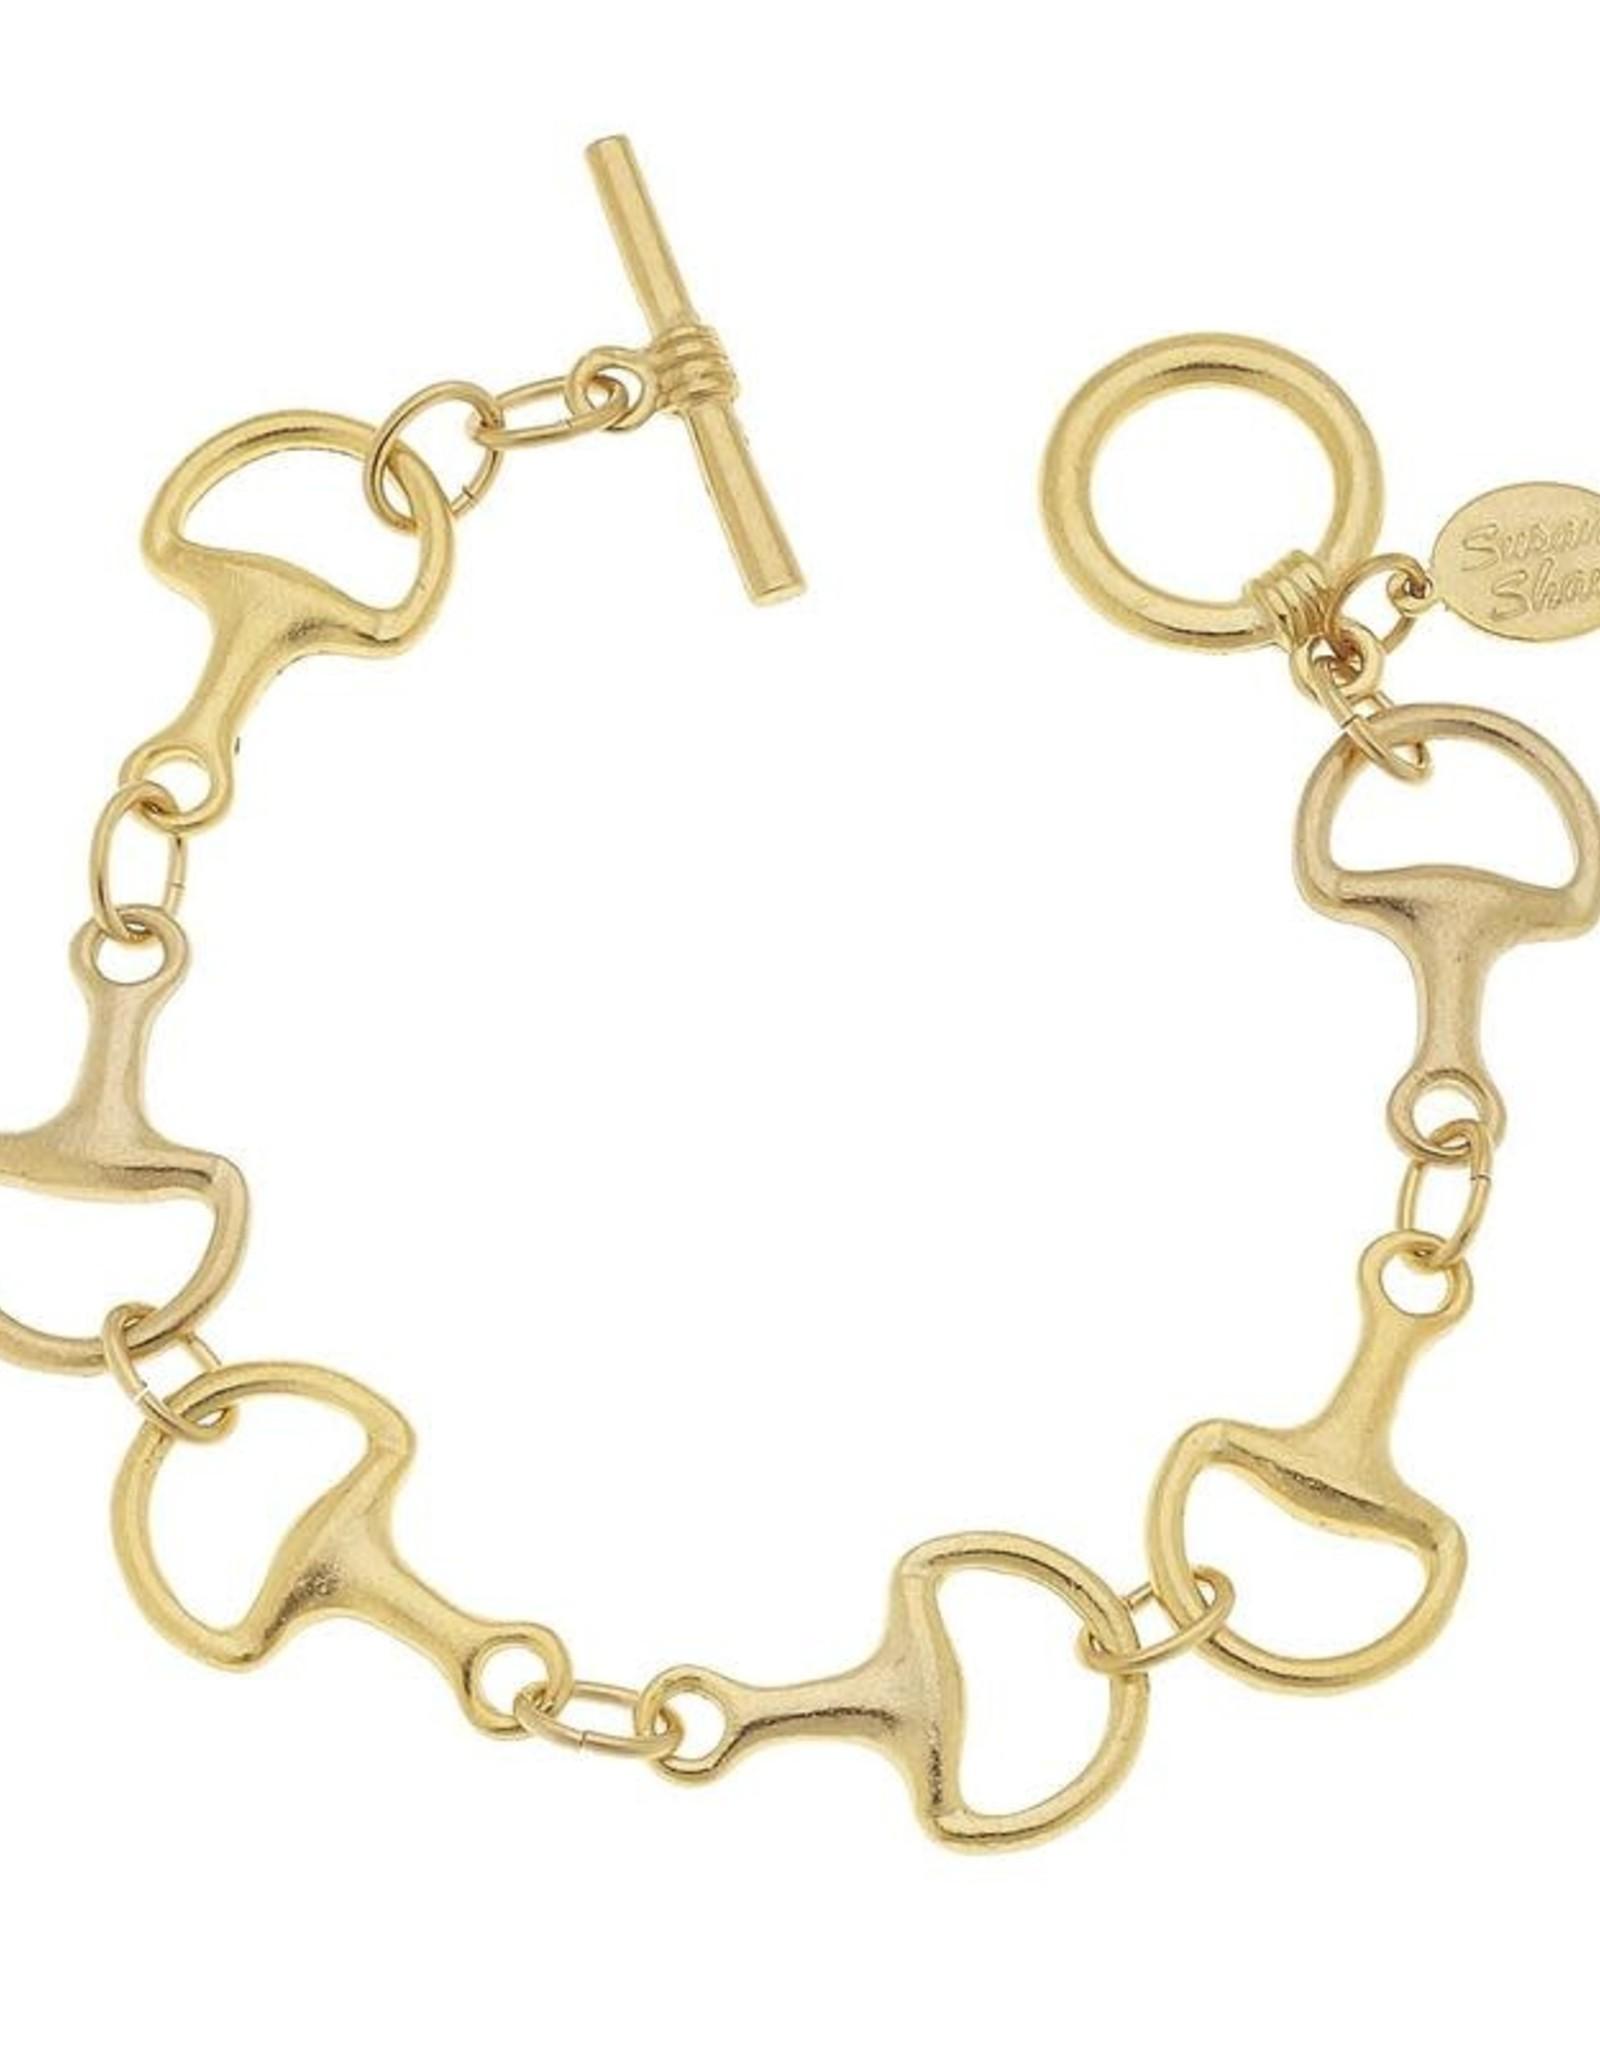 Susan Shaw Shaw Bracelet GOLD Horse Bit